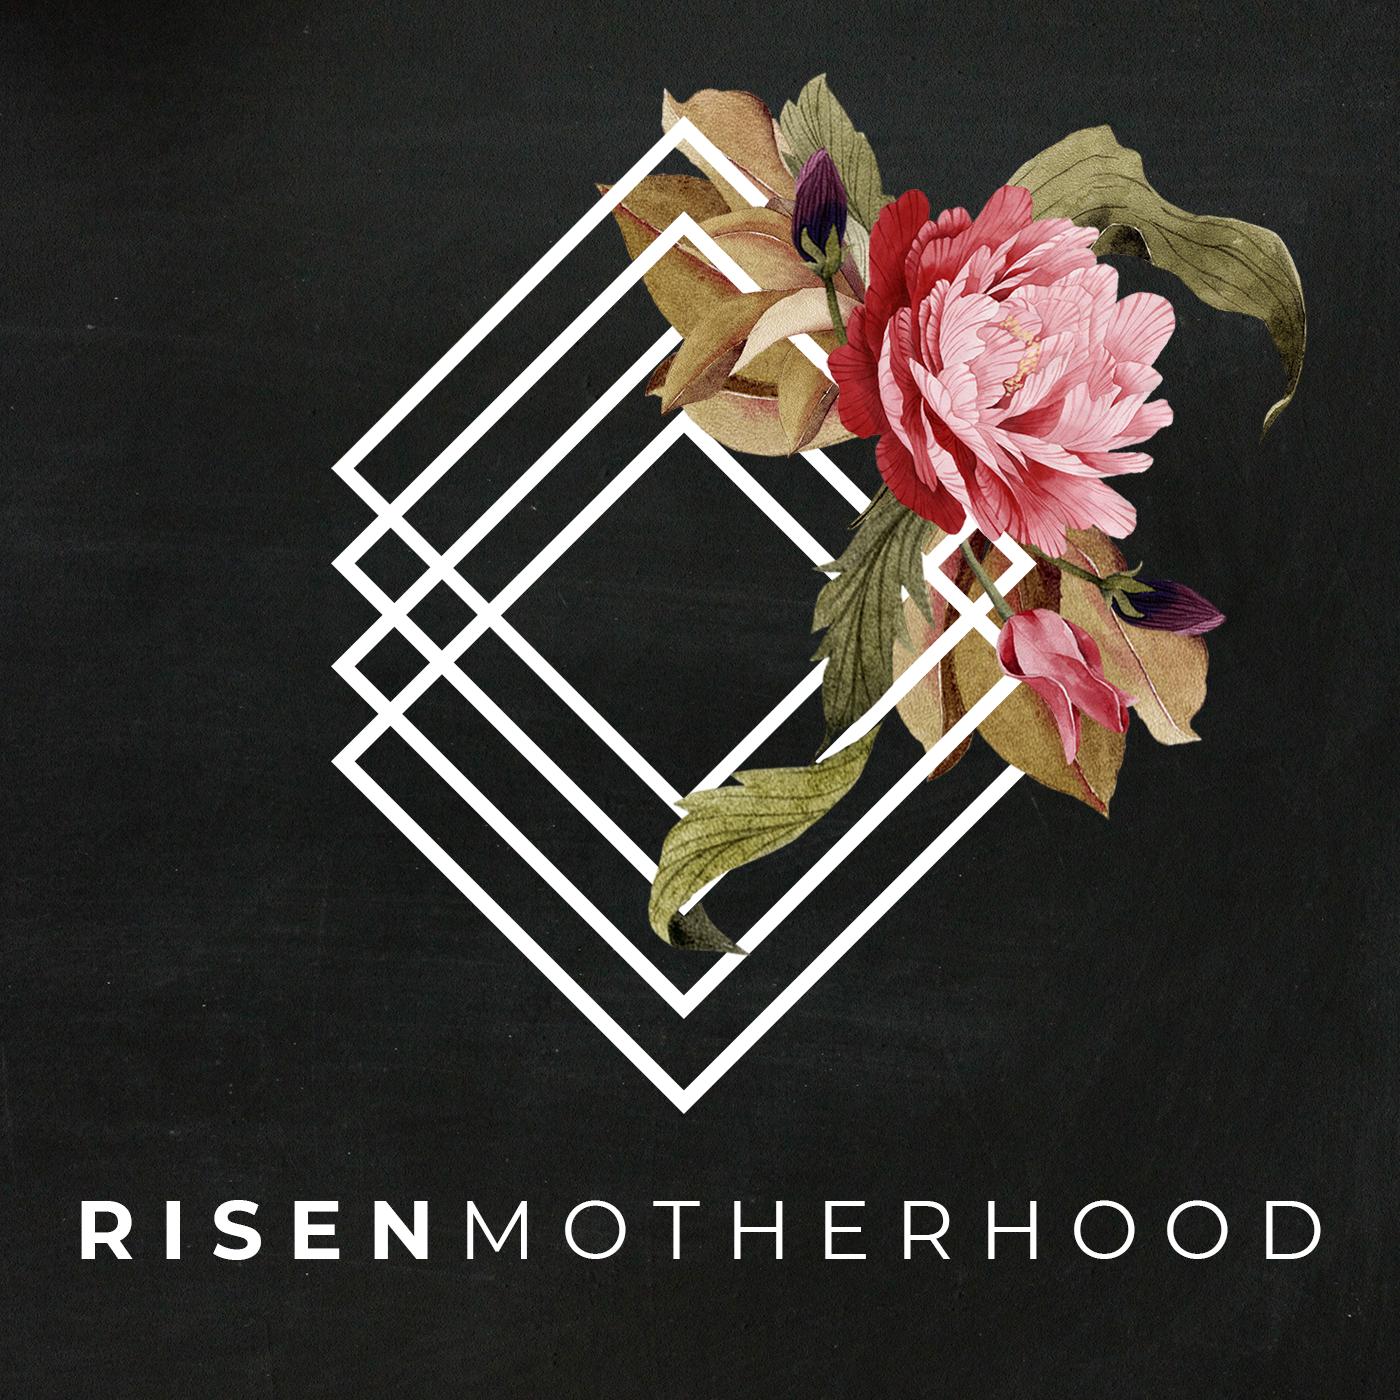 Risen Motherhood logo